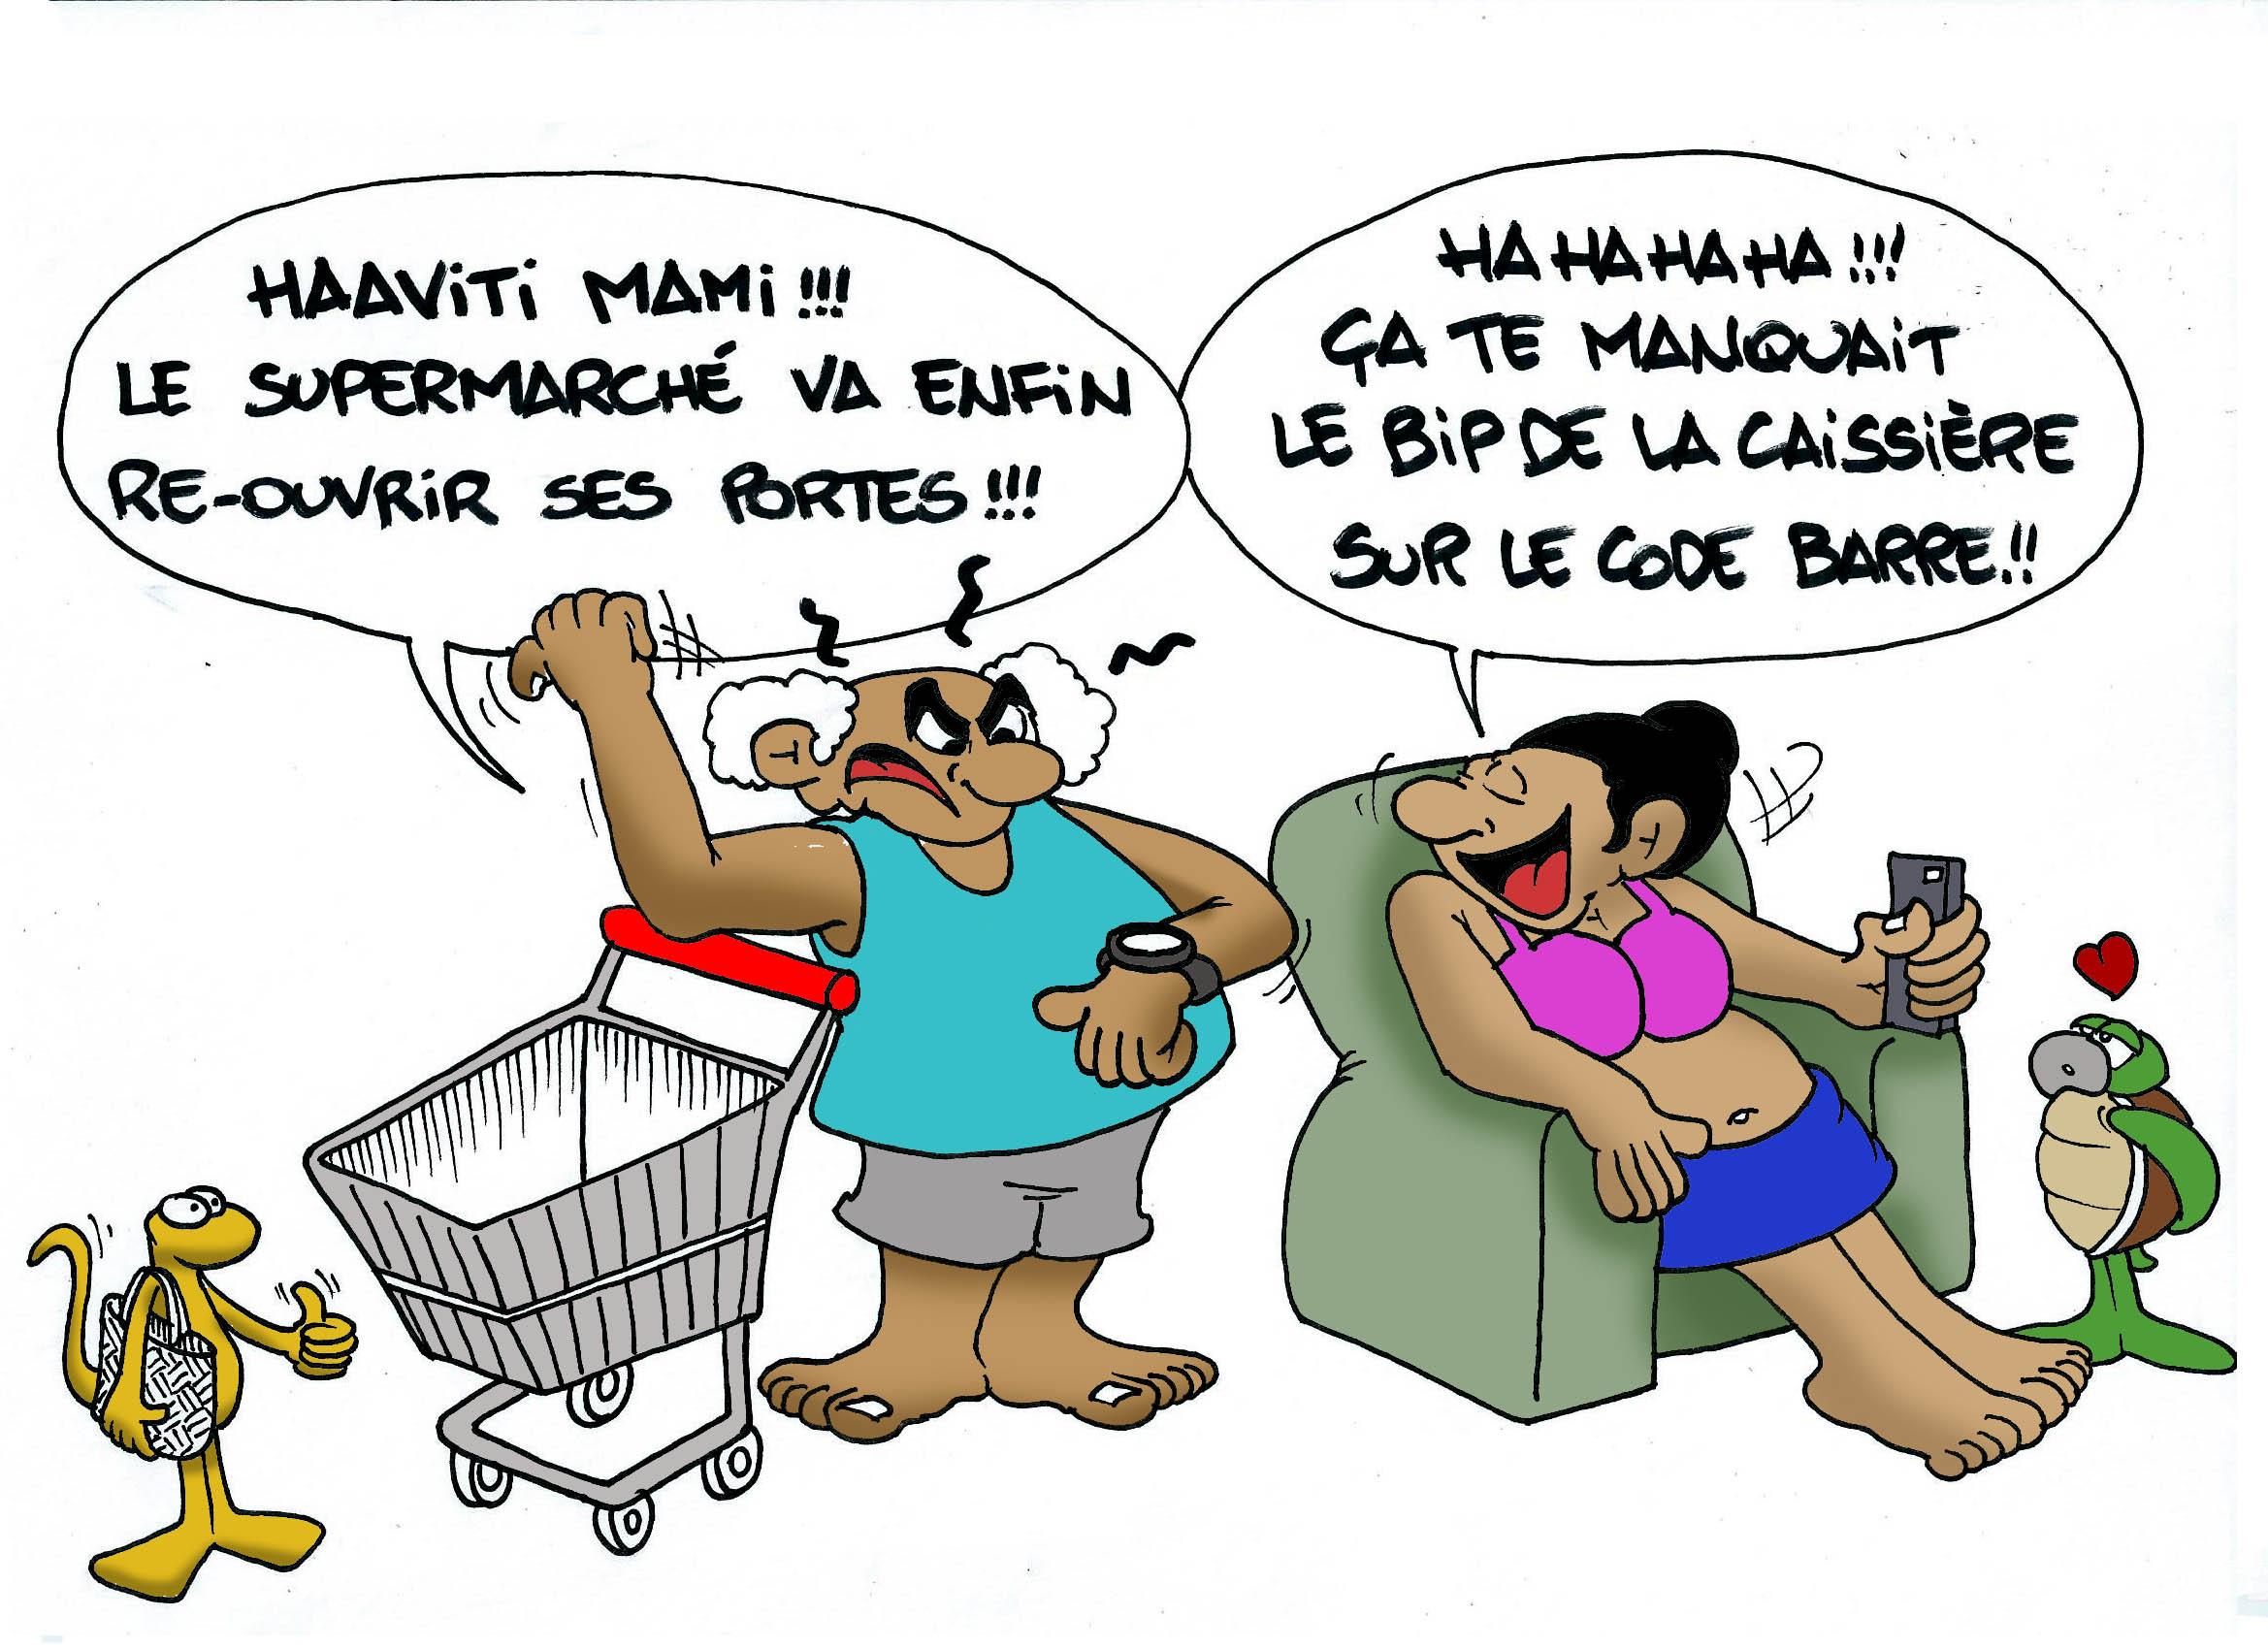 """"""" La réouverture de Carrefour """" vu par Munoz"""